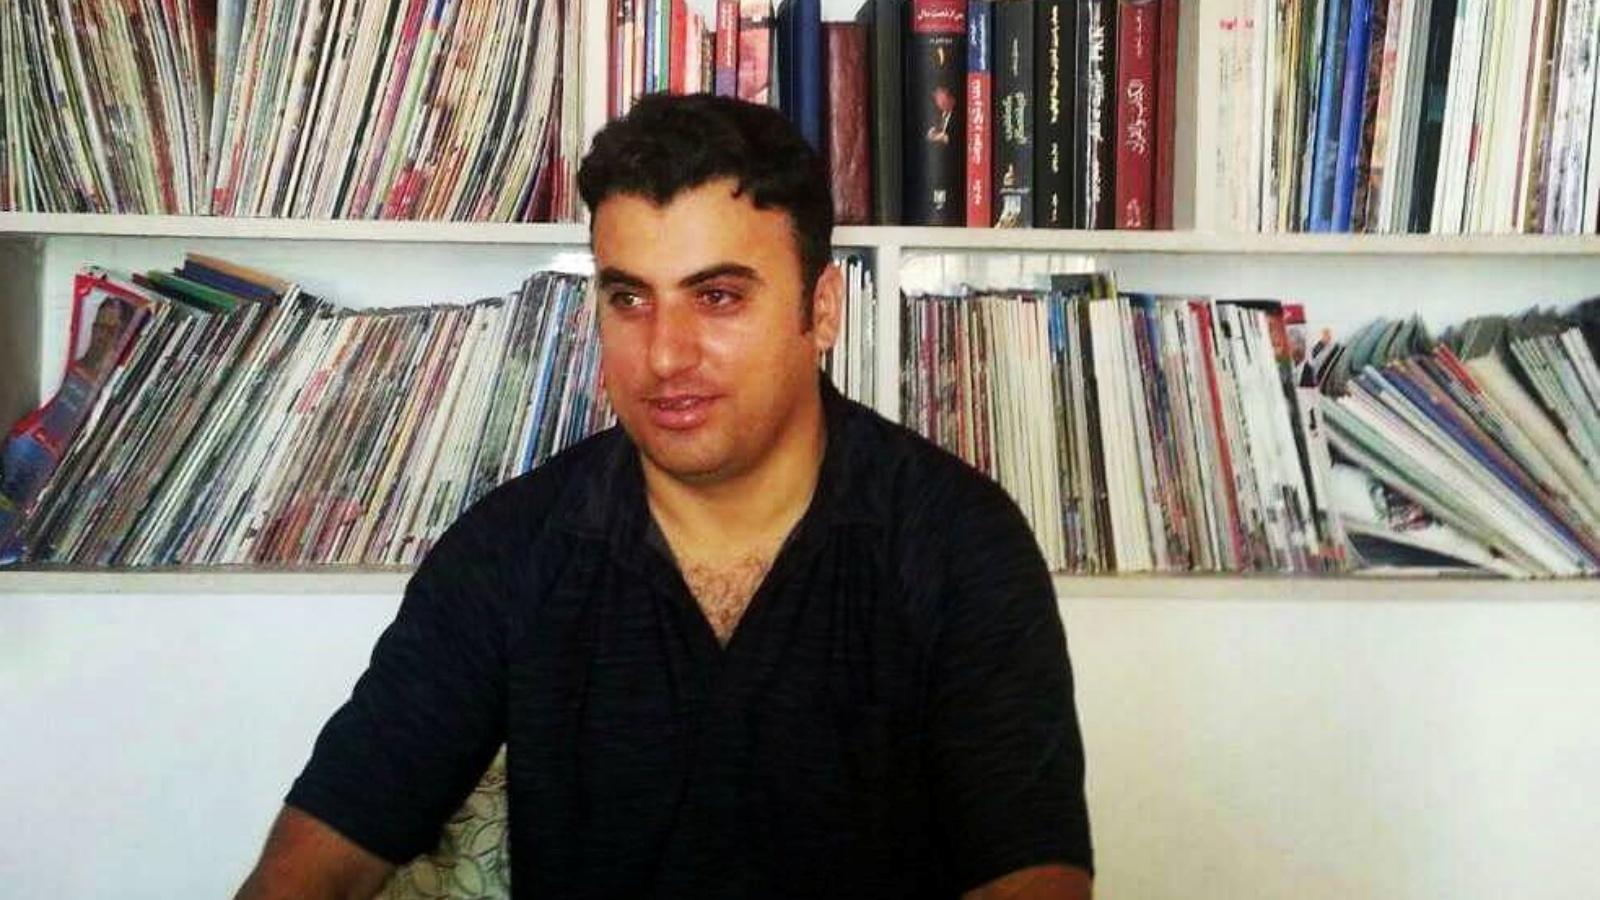 الصحافي الكردي المختطف شيروان شيرواني